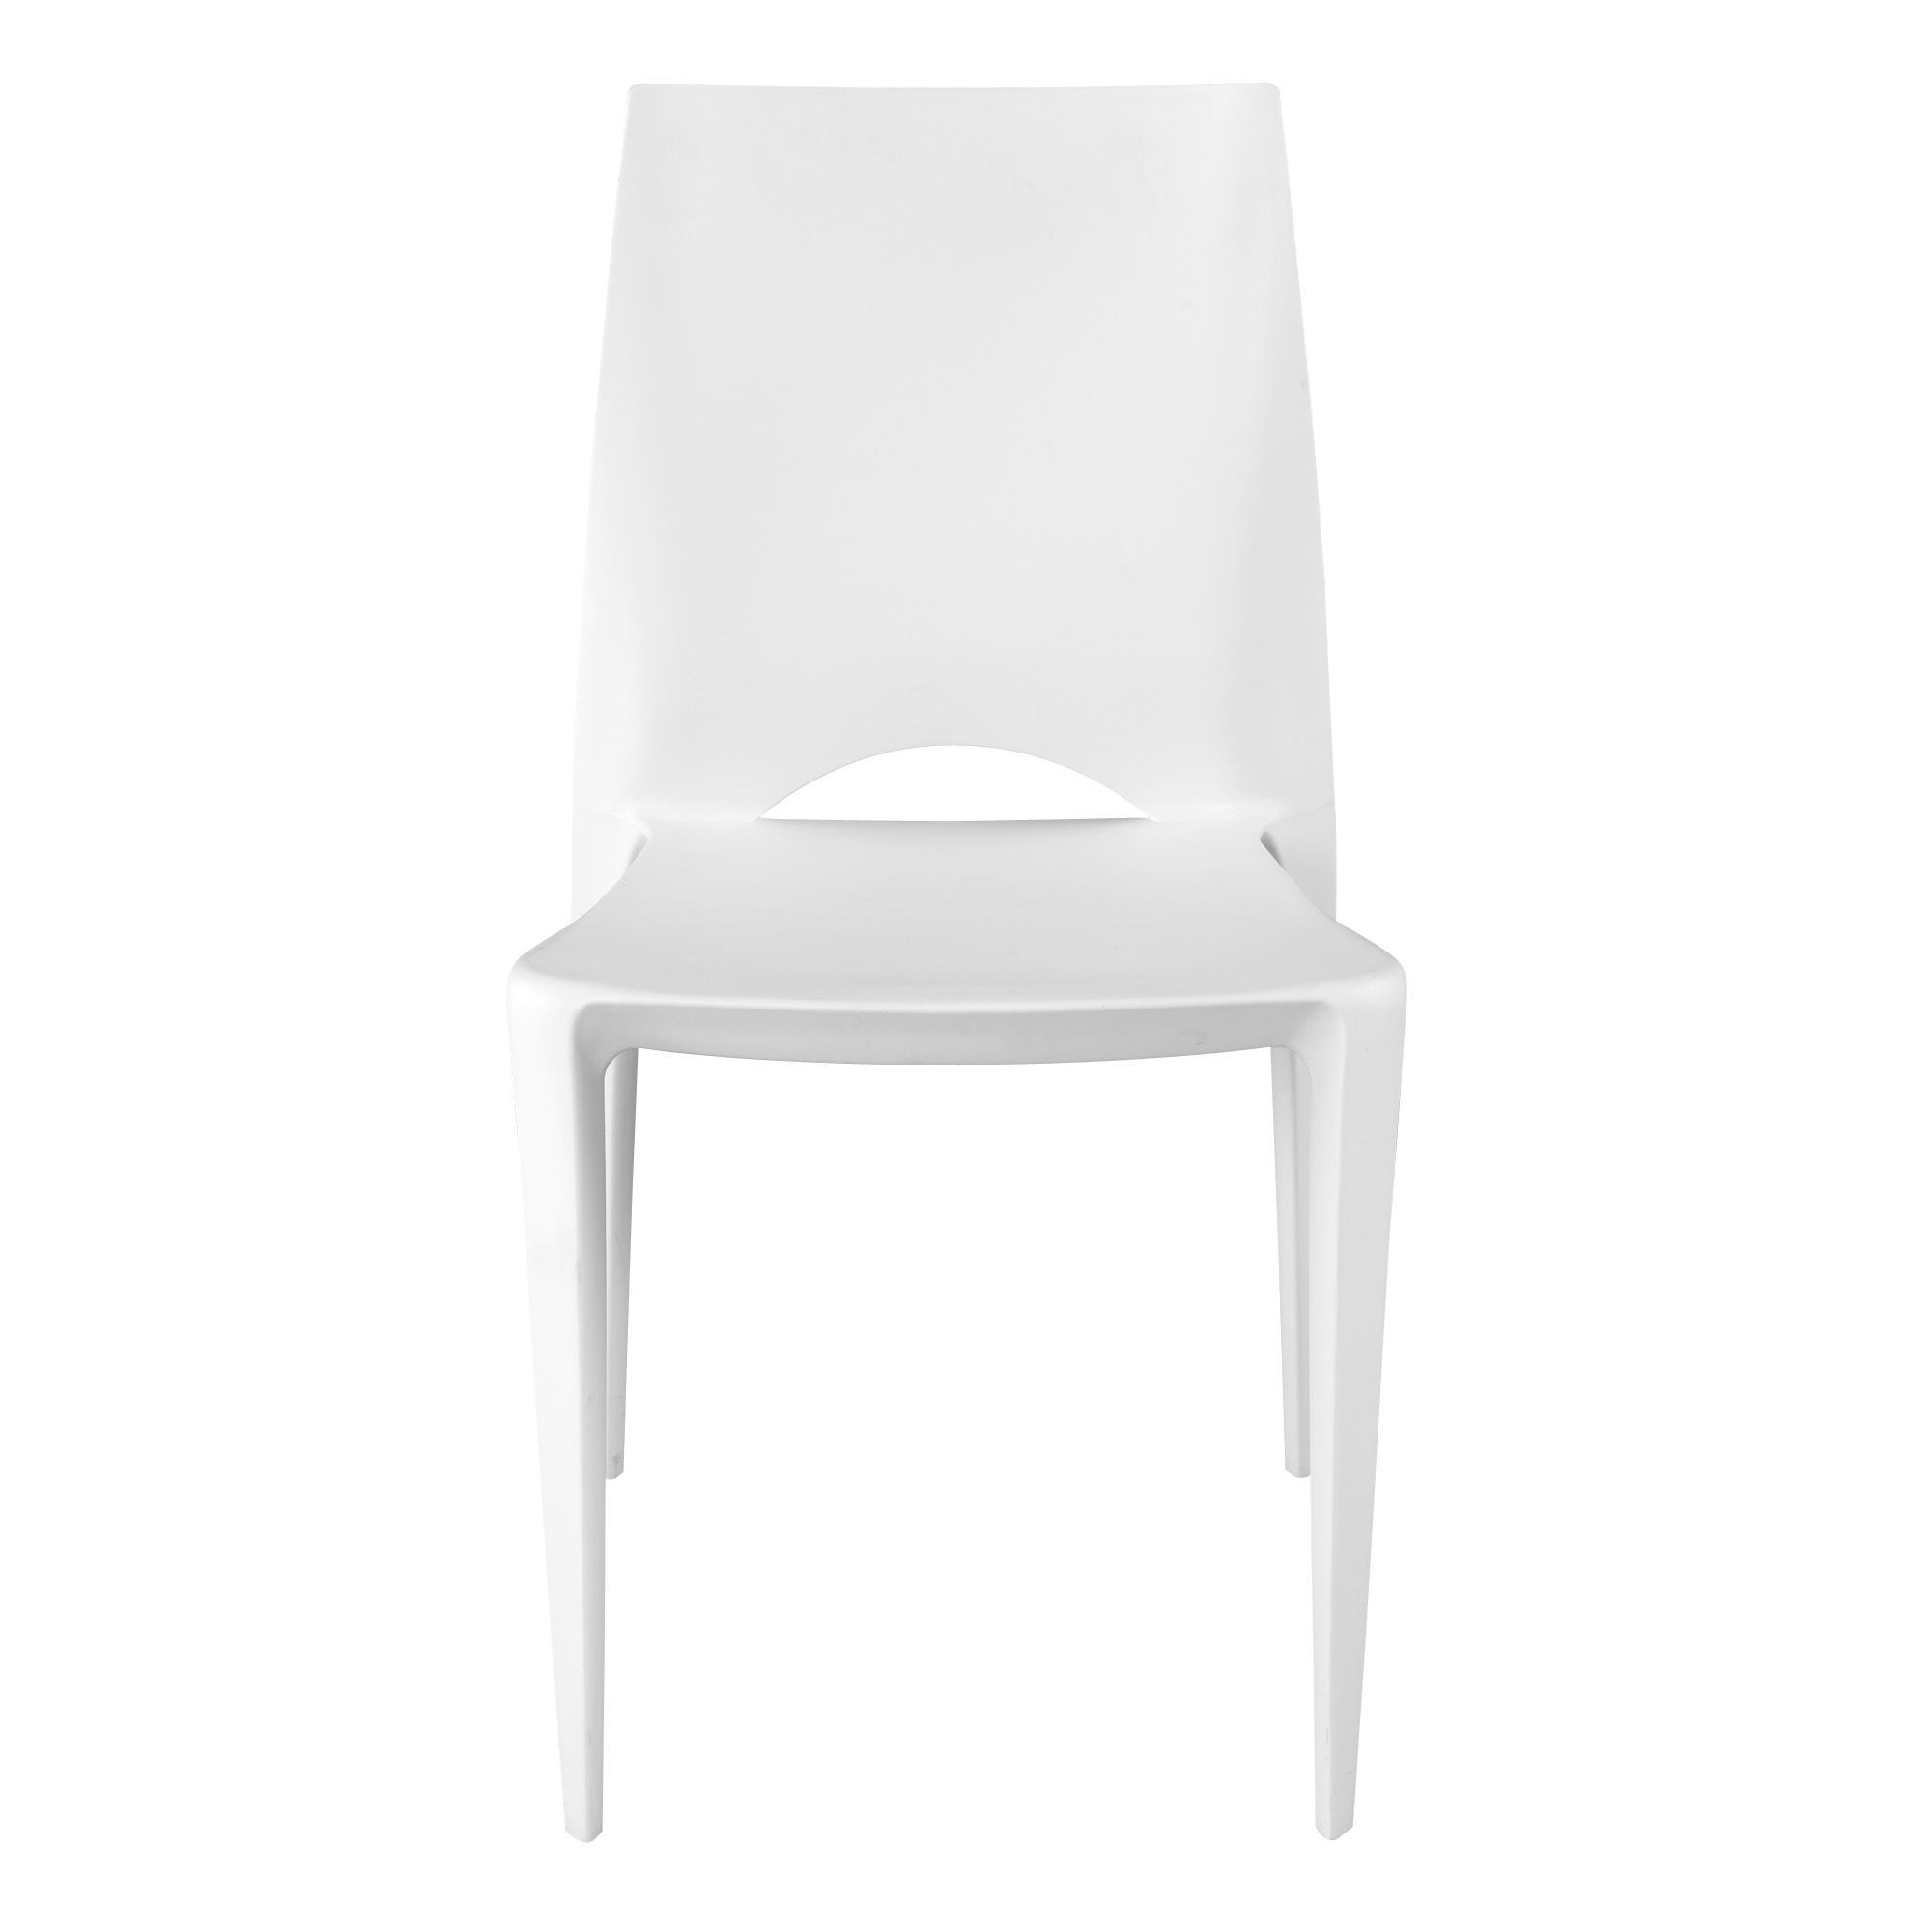 Chaise Moulée Blanche Kiwi Chaise ChaisesTables Et Chaises - Alinea chaises de cuisine pour idees de deco de cuisine